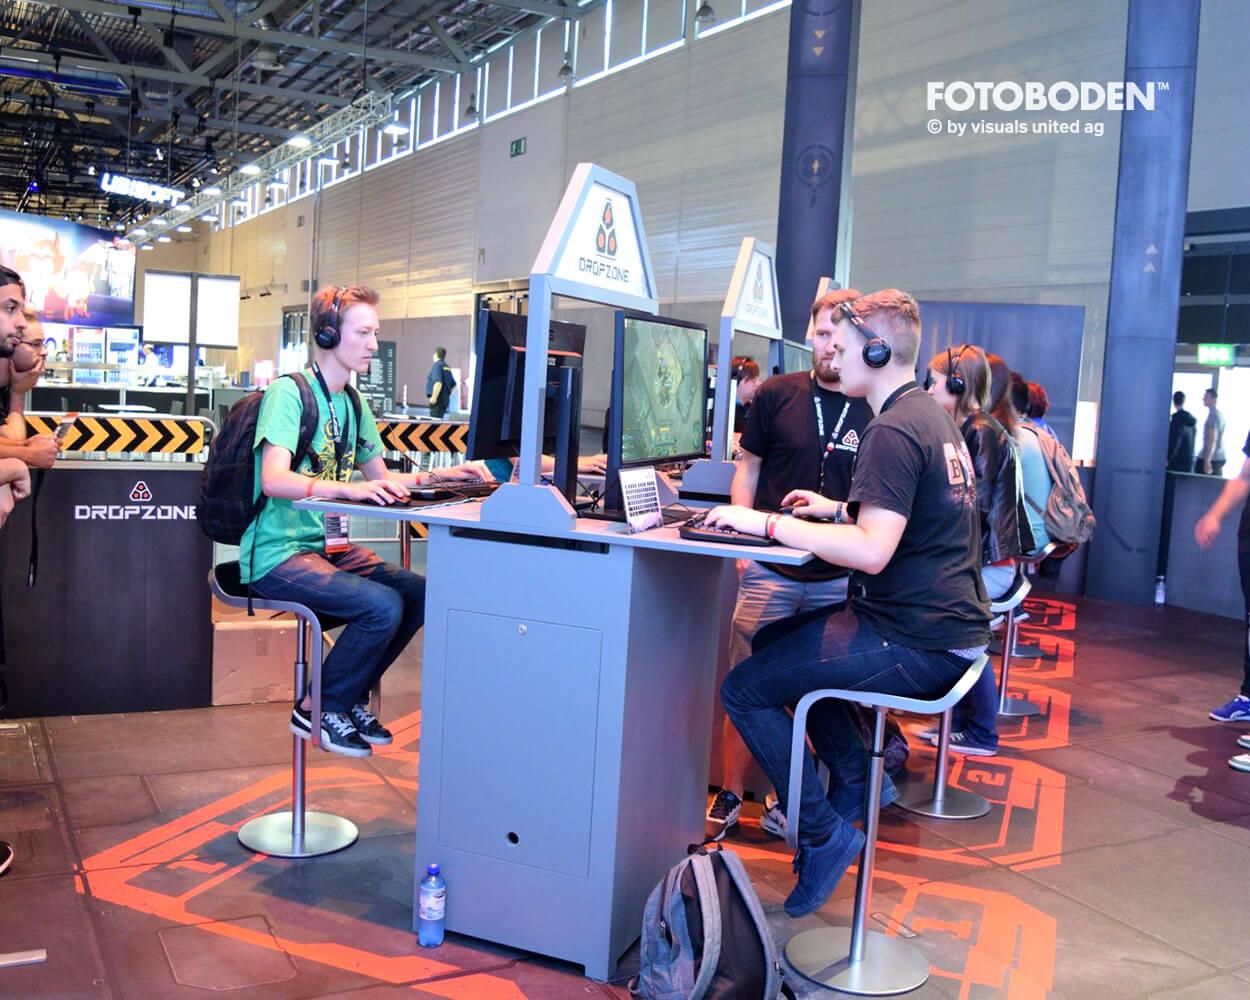 Dropzone Gamescom FOTOBODEN™ Messeboden